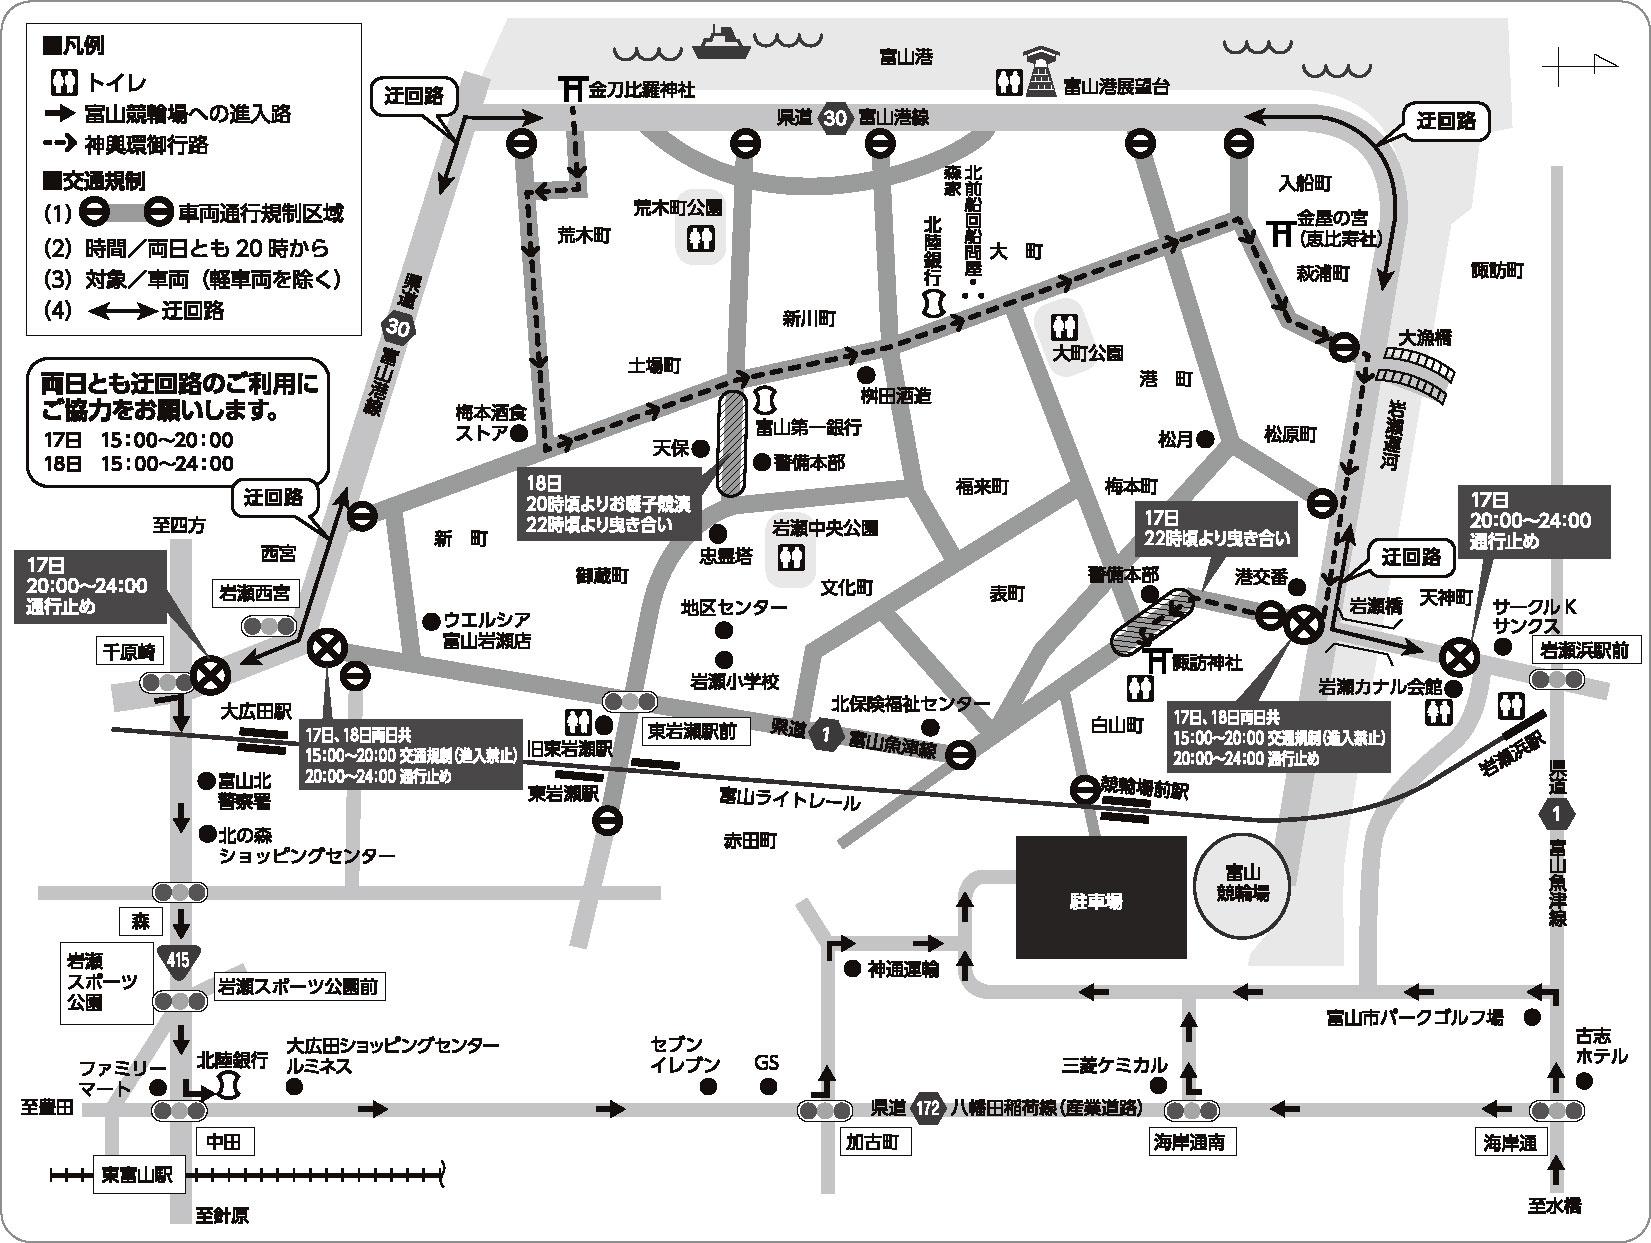 岩瀬曳山車祭の曳き回しルートと交通規制情報マップ